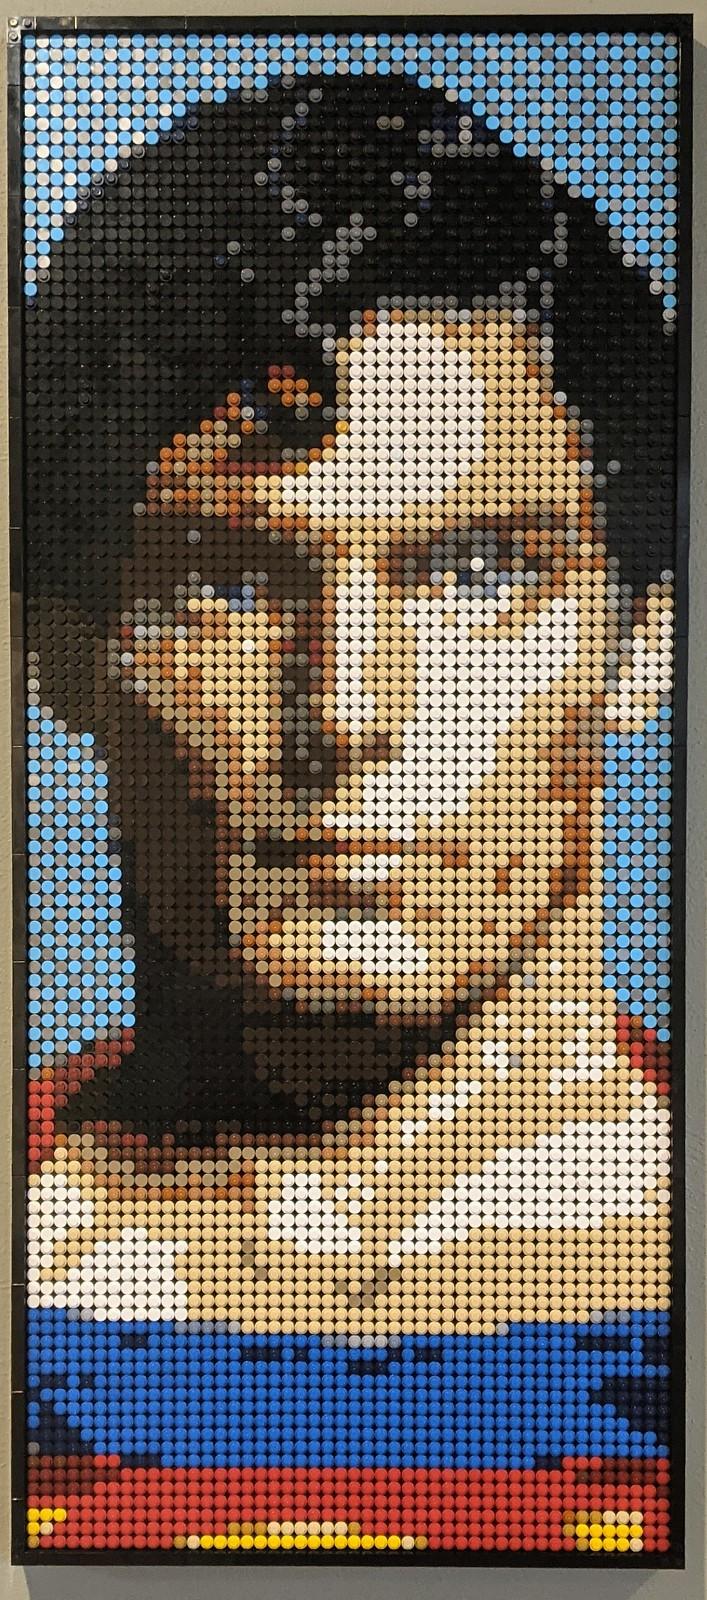 克里斯托弗里夫作为超人-乐高艺术马赛克风格